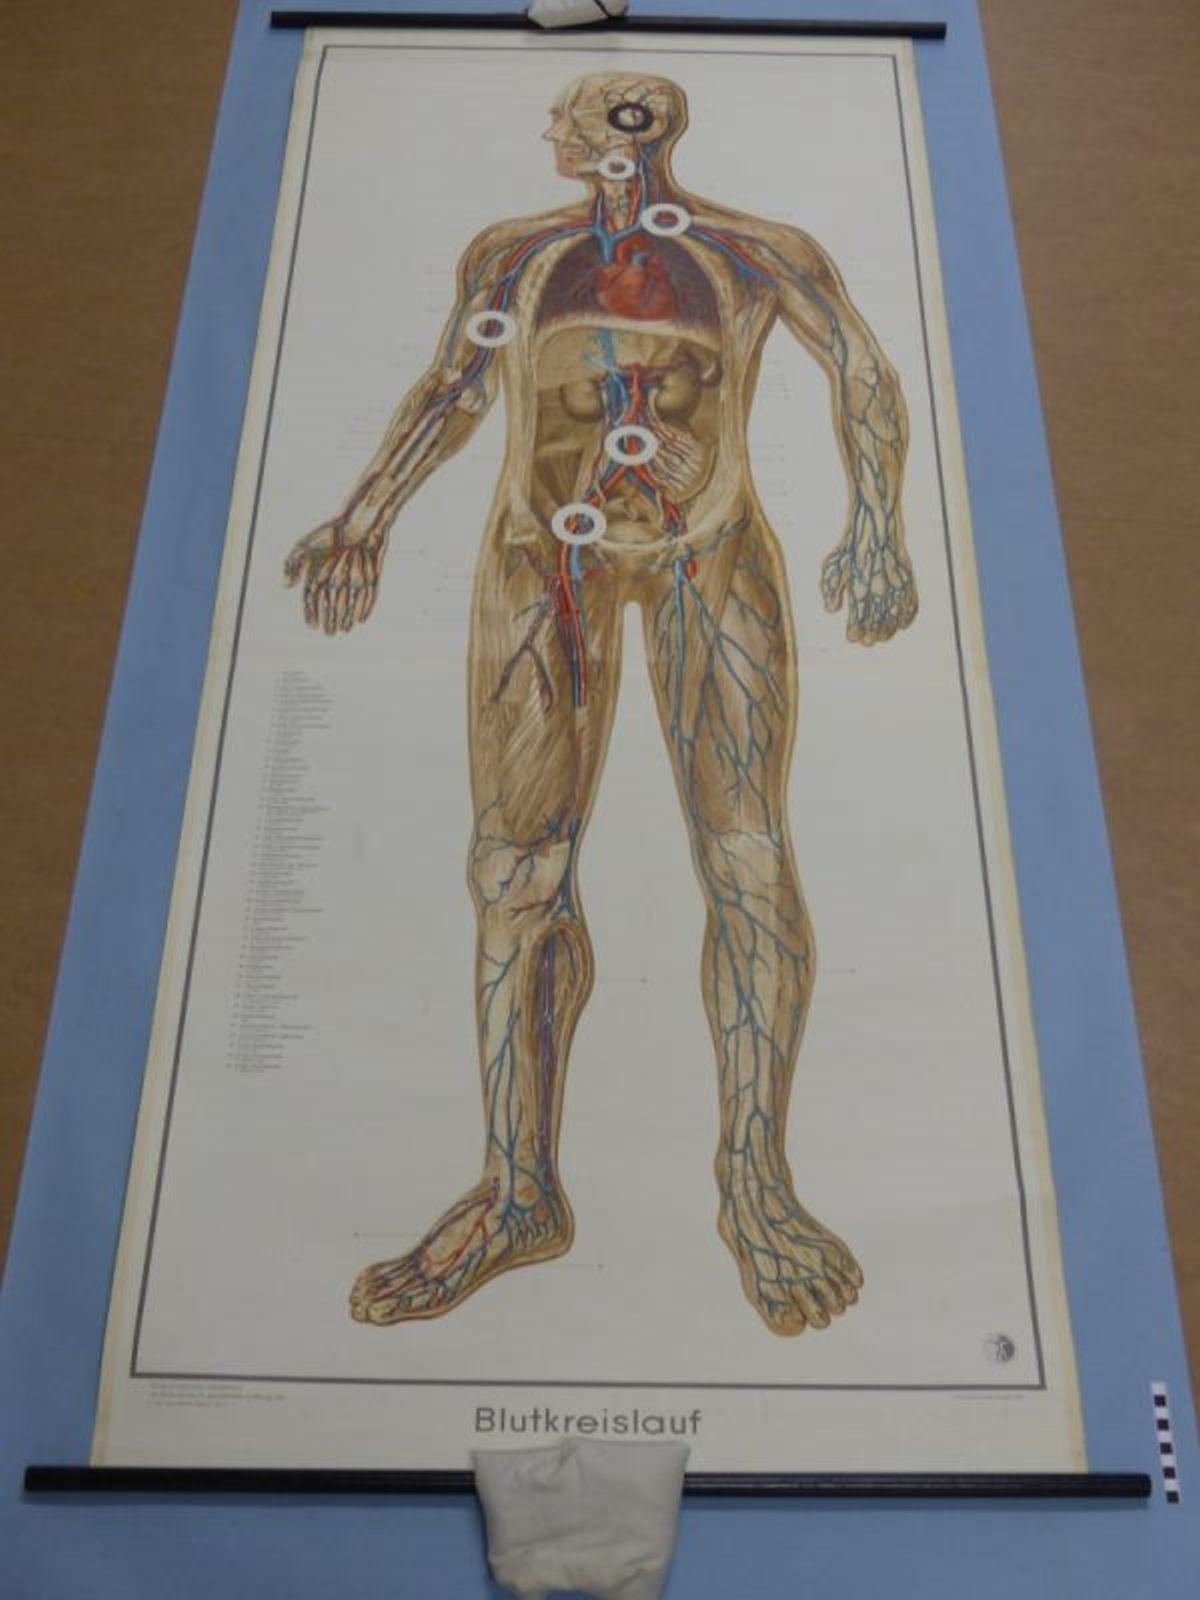 Blutkreislauf mit Abdruckstellen :: Mindener Museum :: museum ...